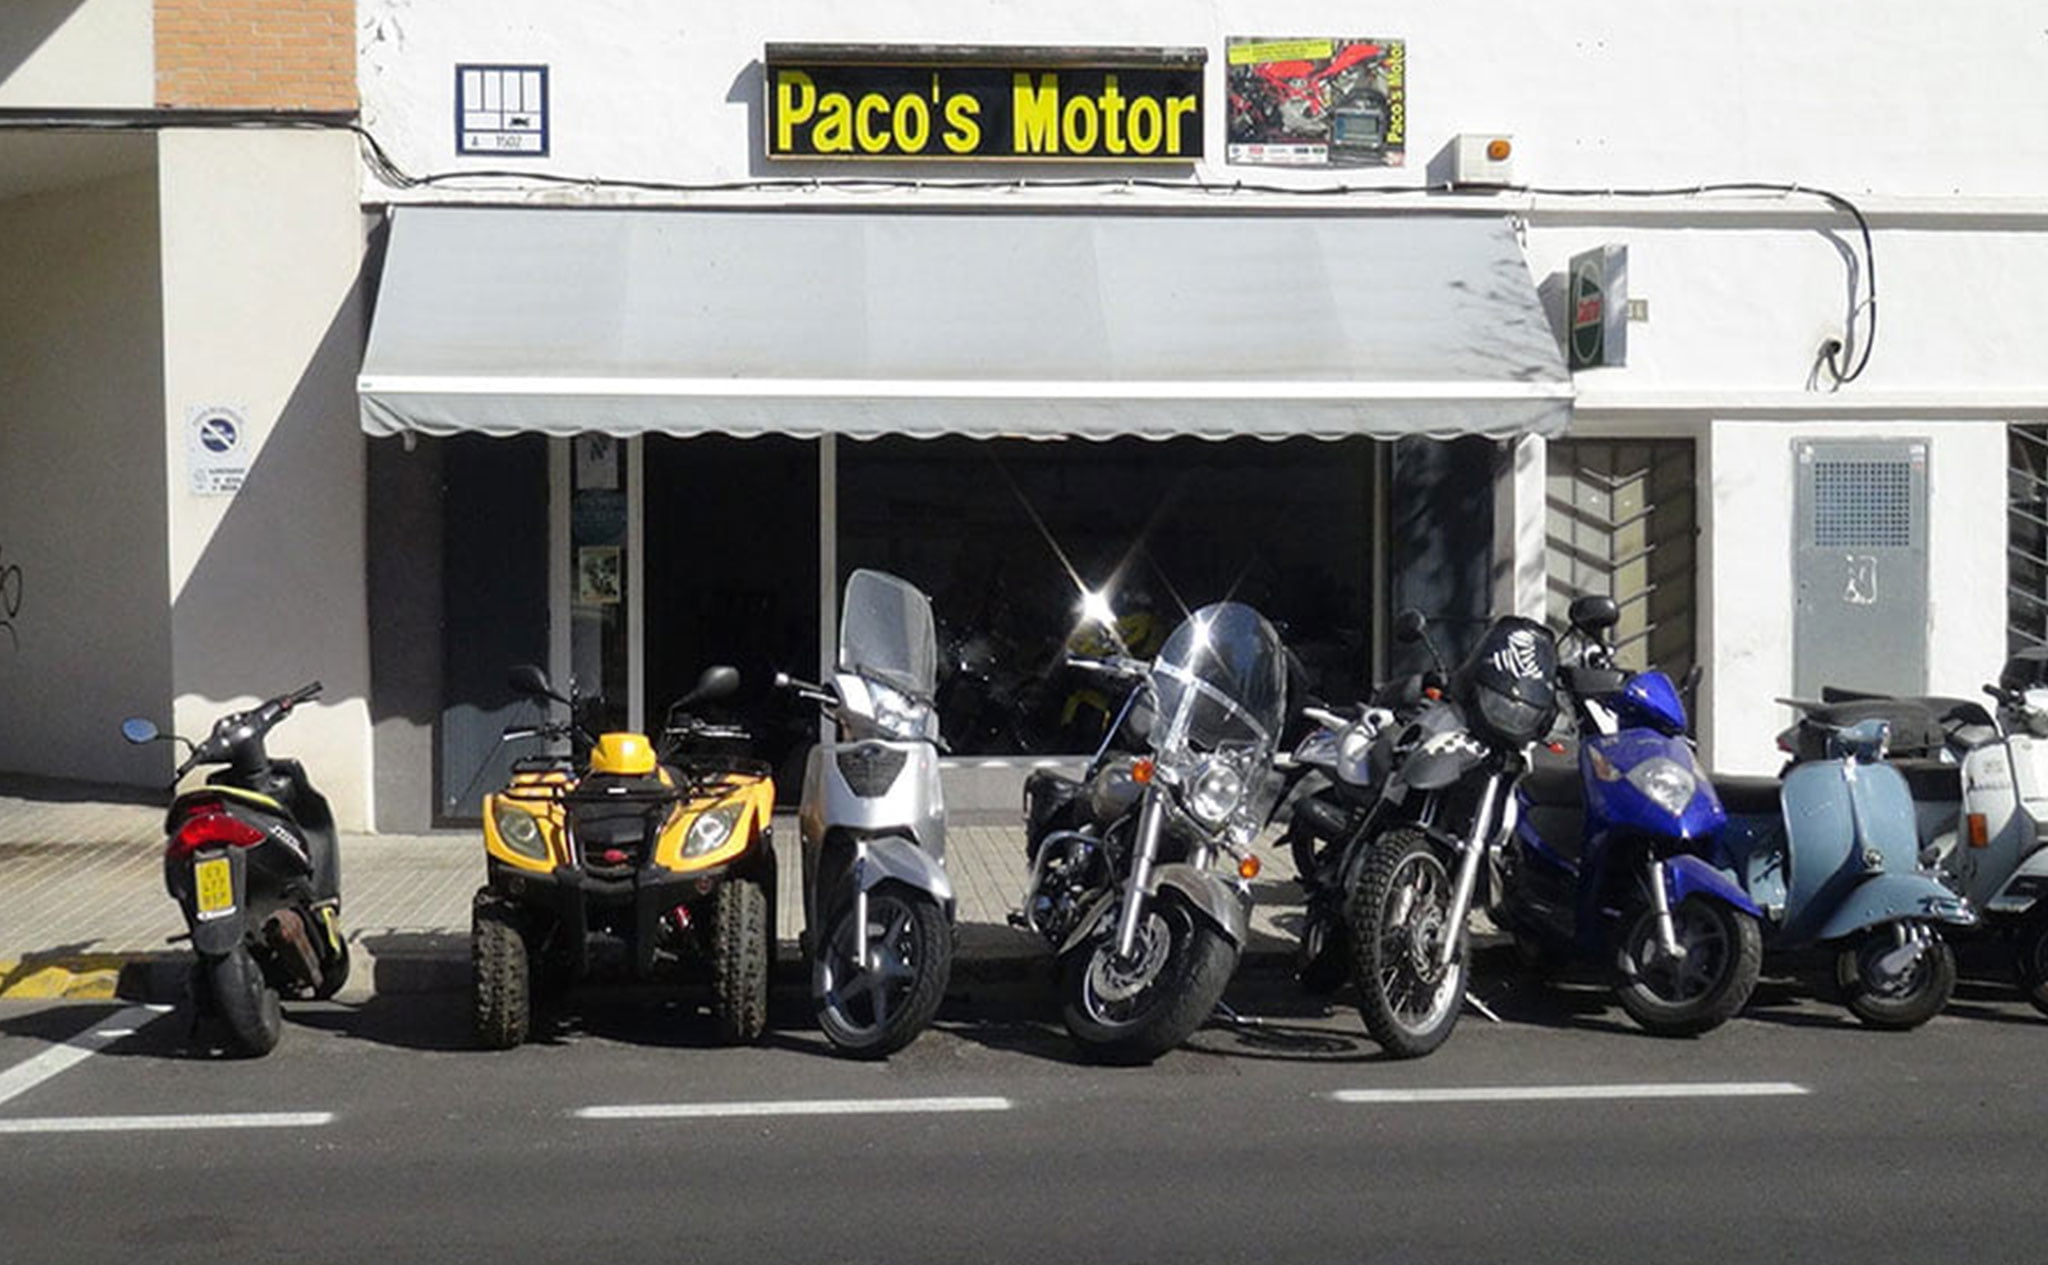 Vista exterior de Paco's Motor